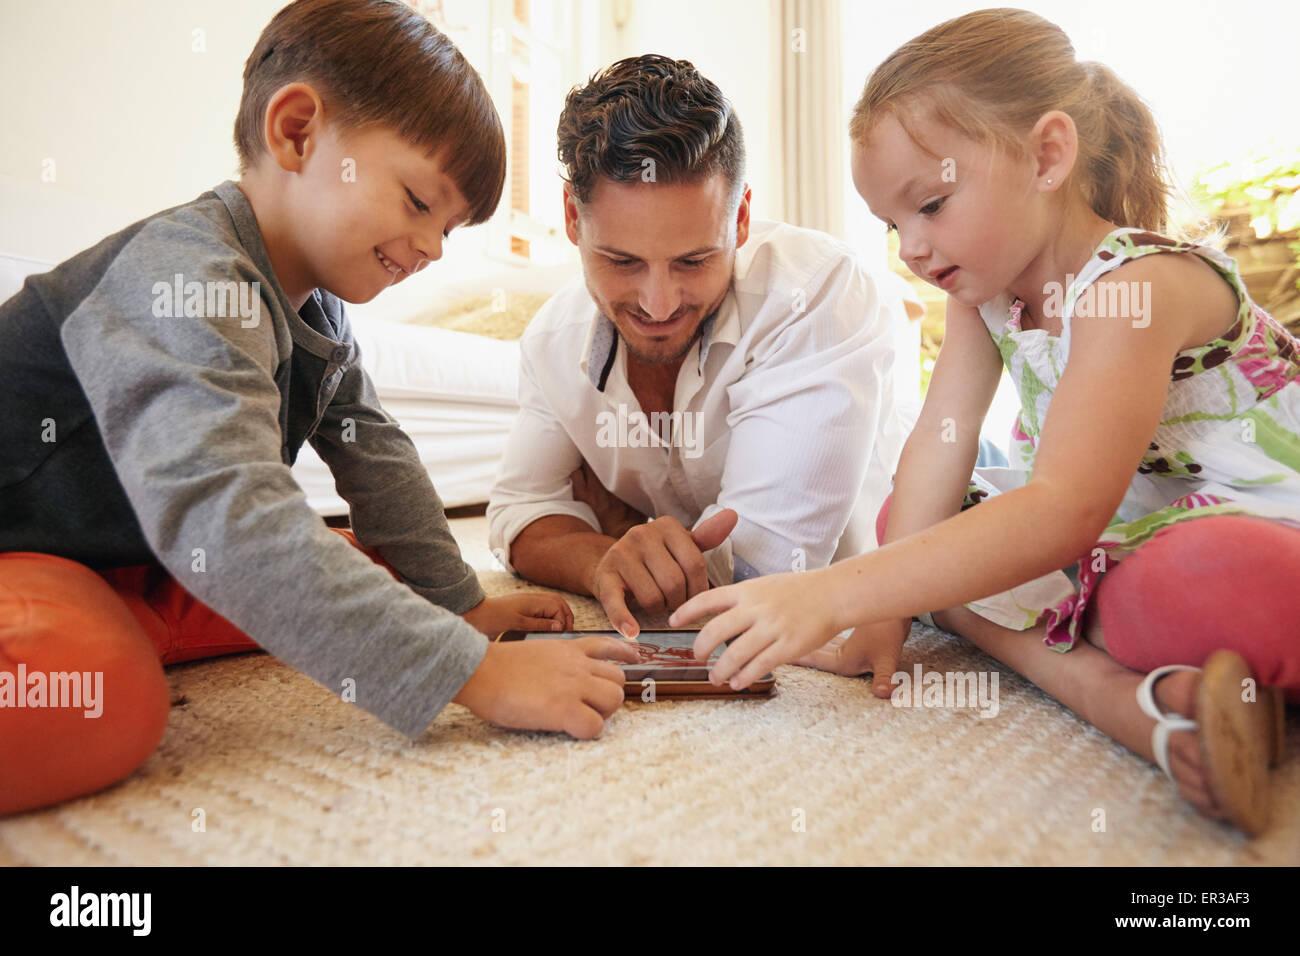 El padre con el hijo e hija sentado en el piso con la tableta digital en el interior. Una joven familia feliz junto Imagen De Stock